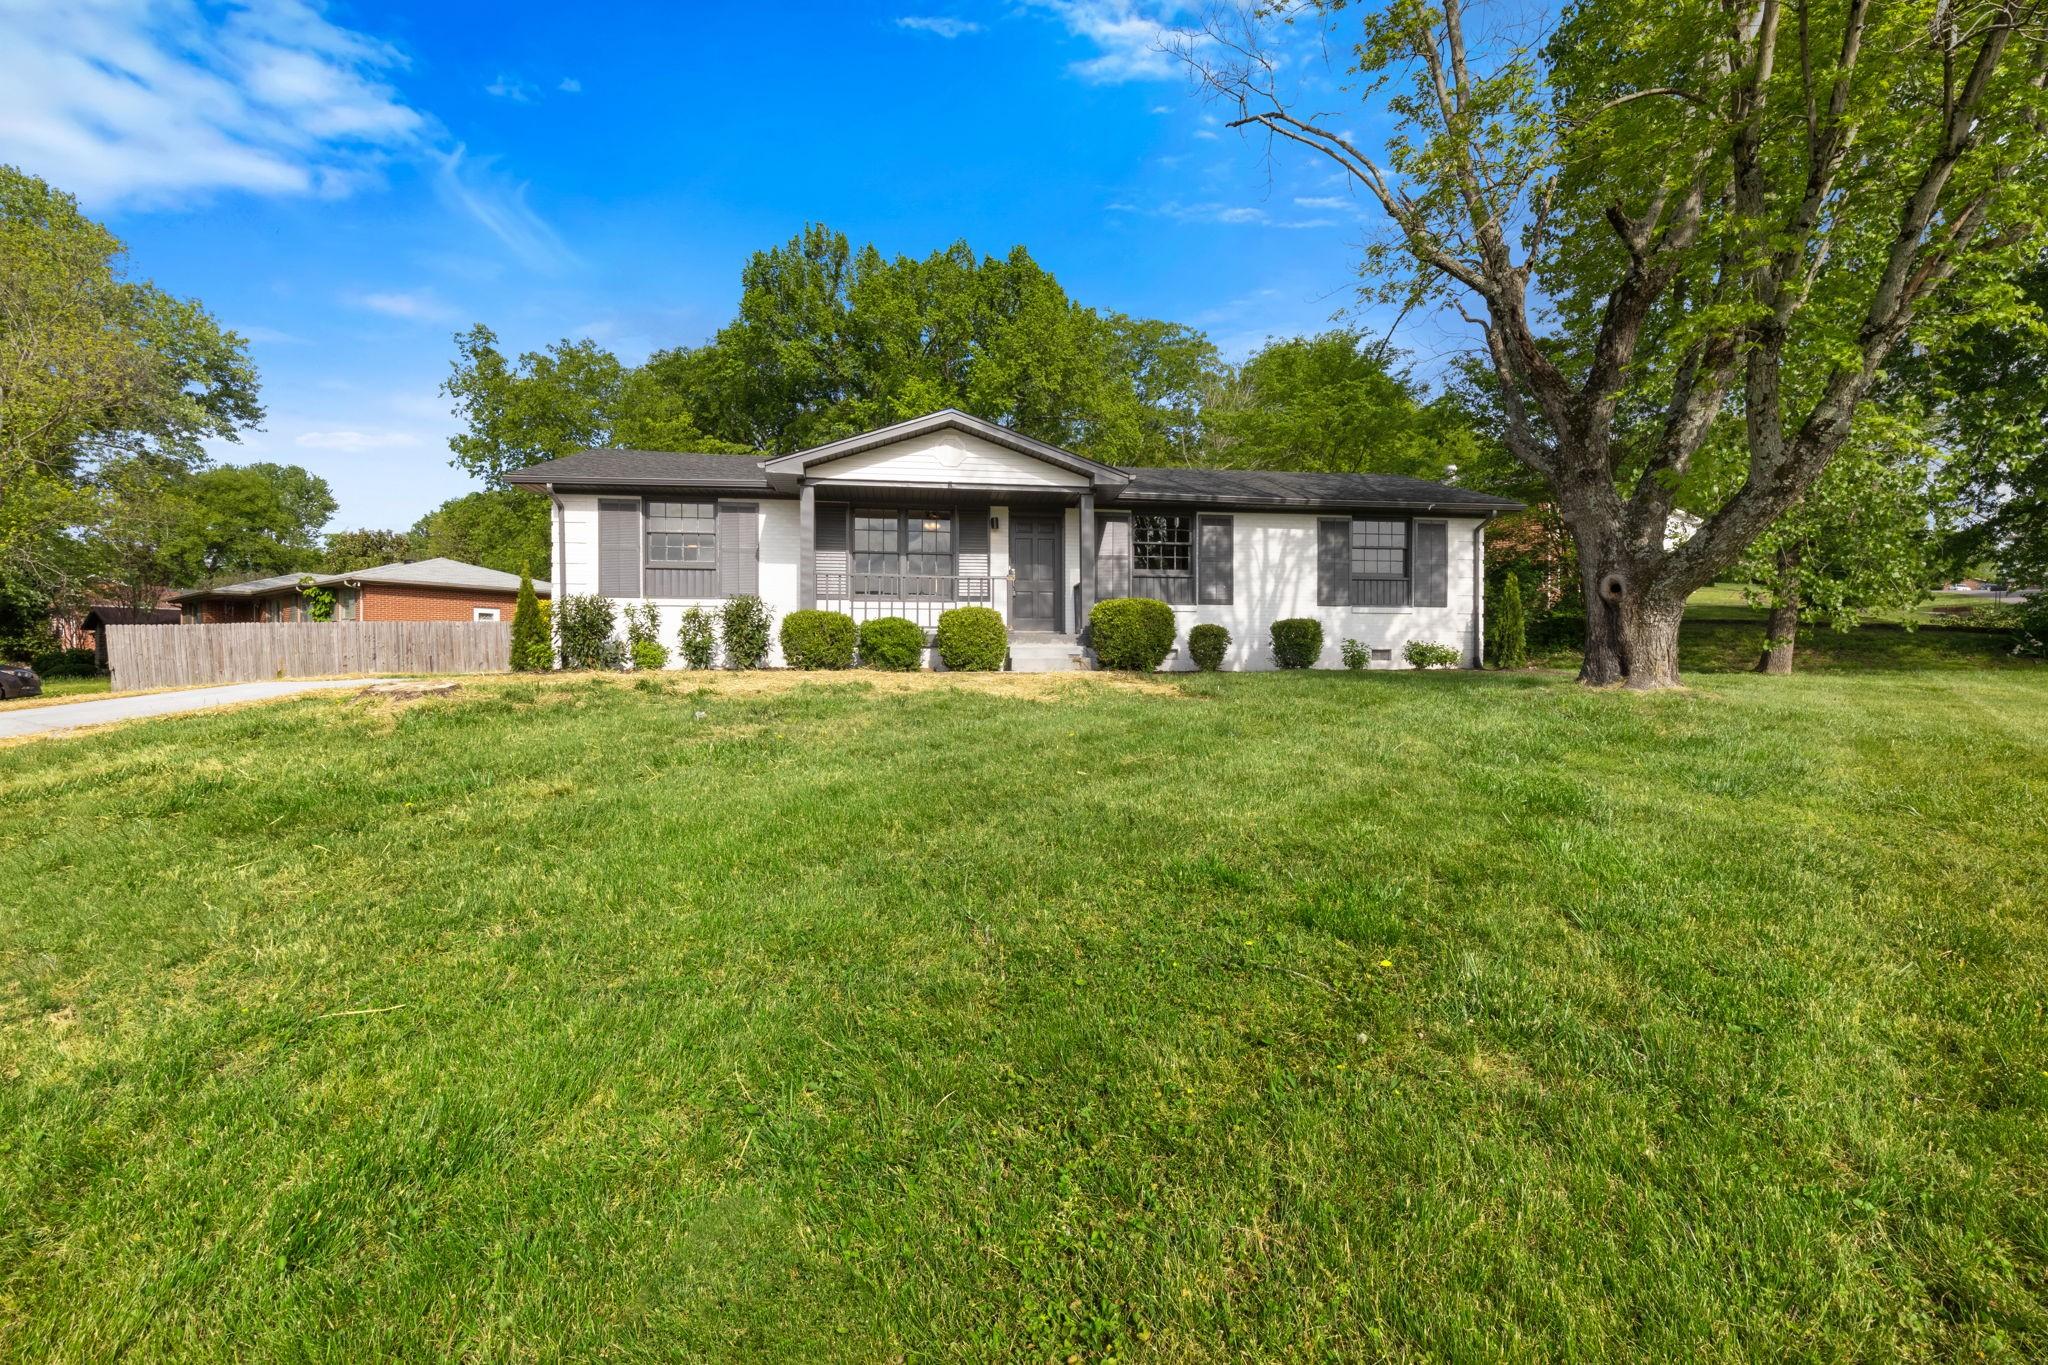 6521 Premier Dr, Nashville, TN 37209 - Nashville, TN real estate listing